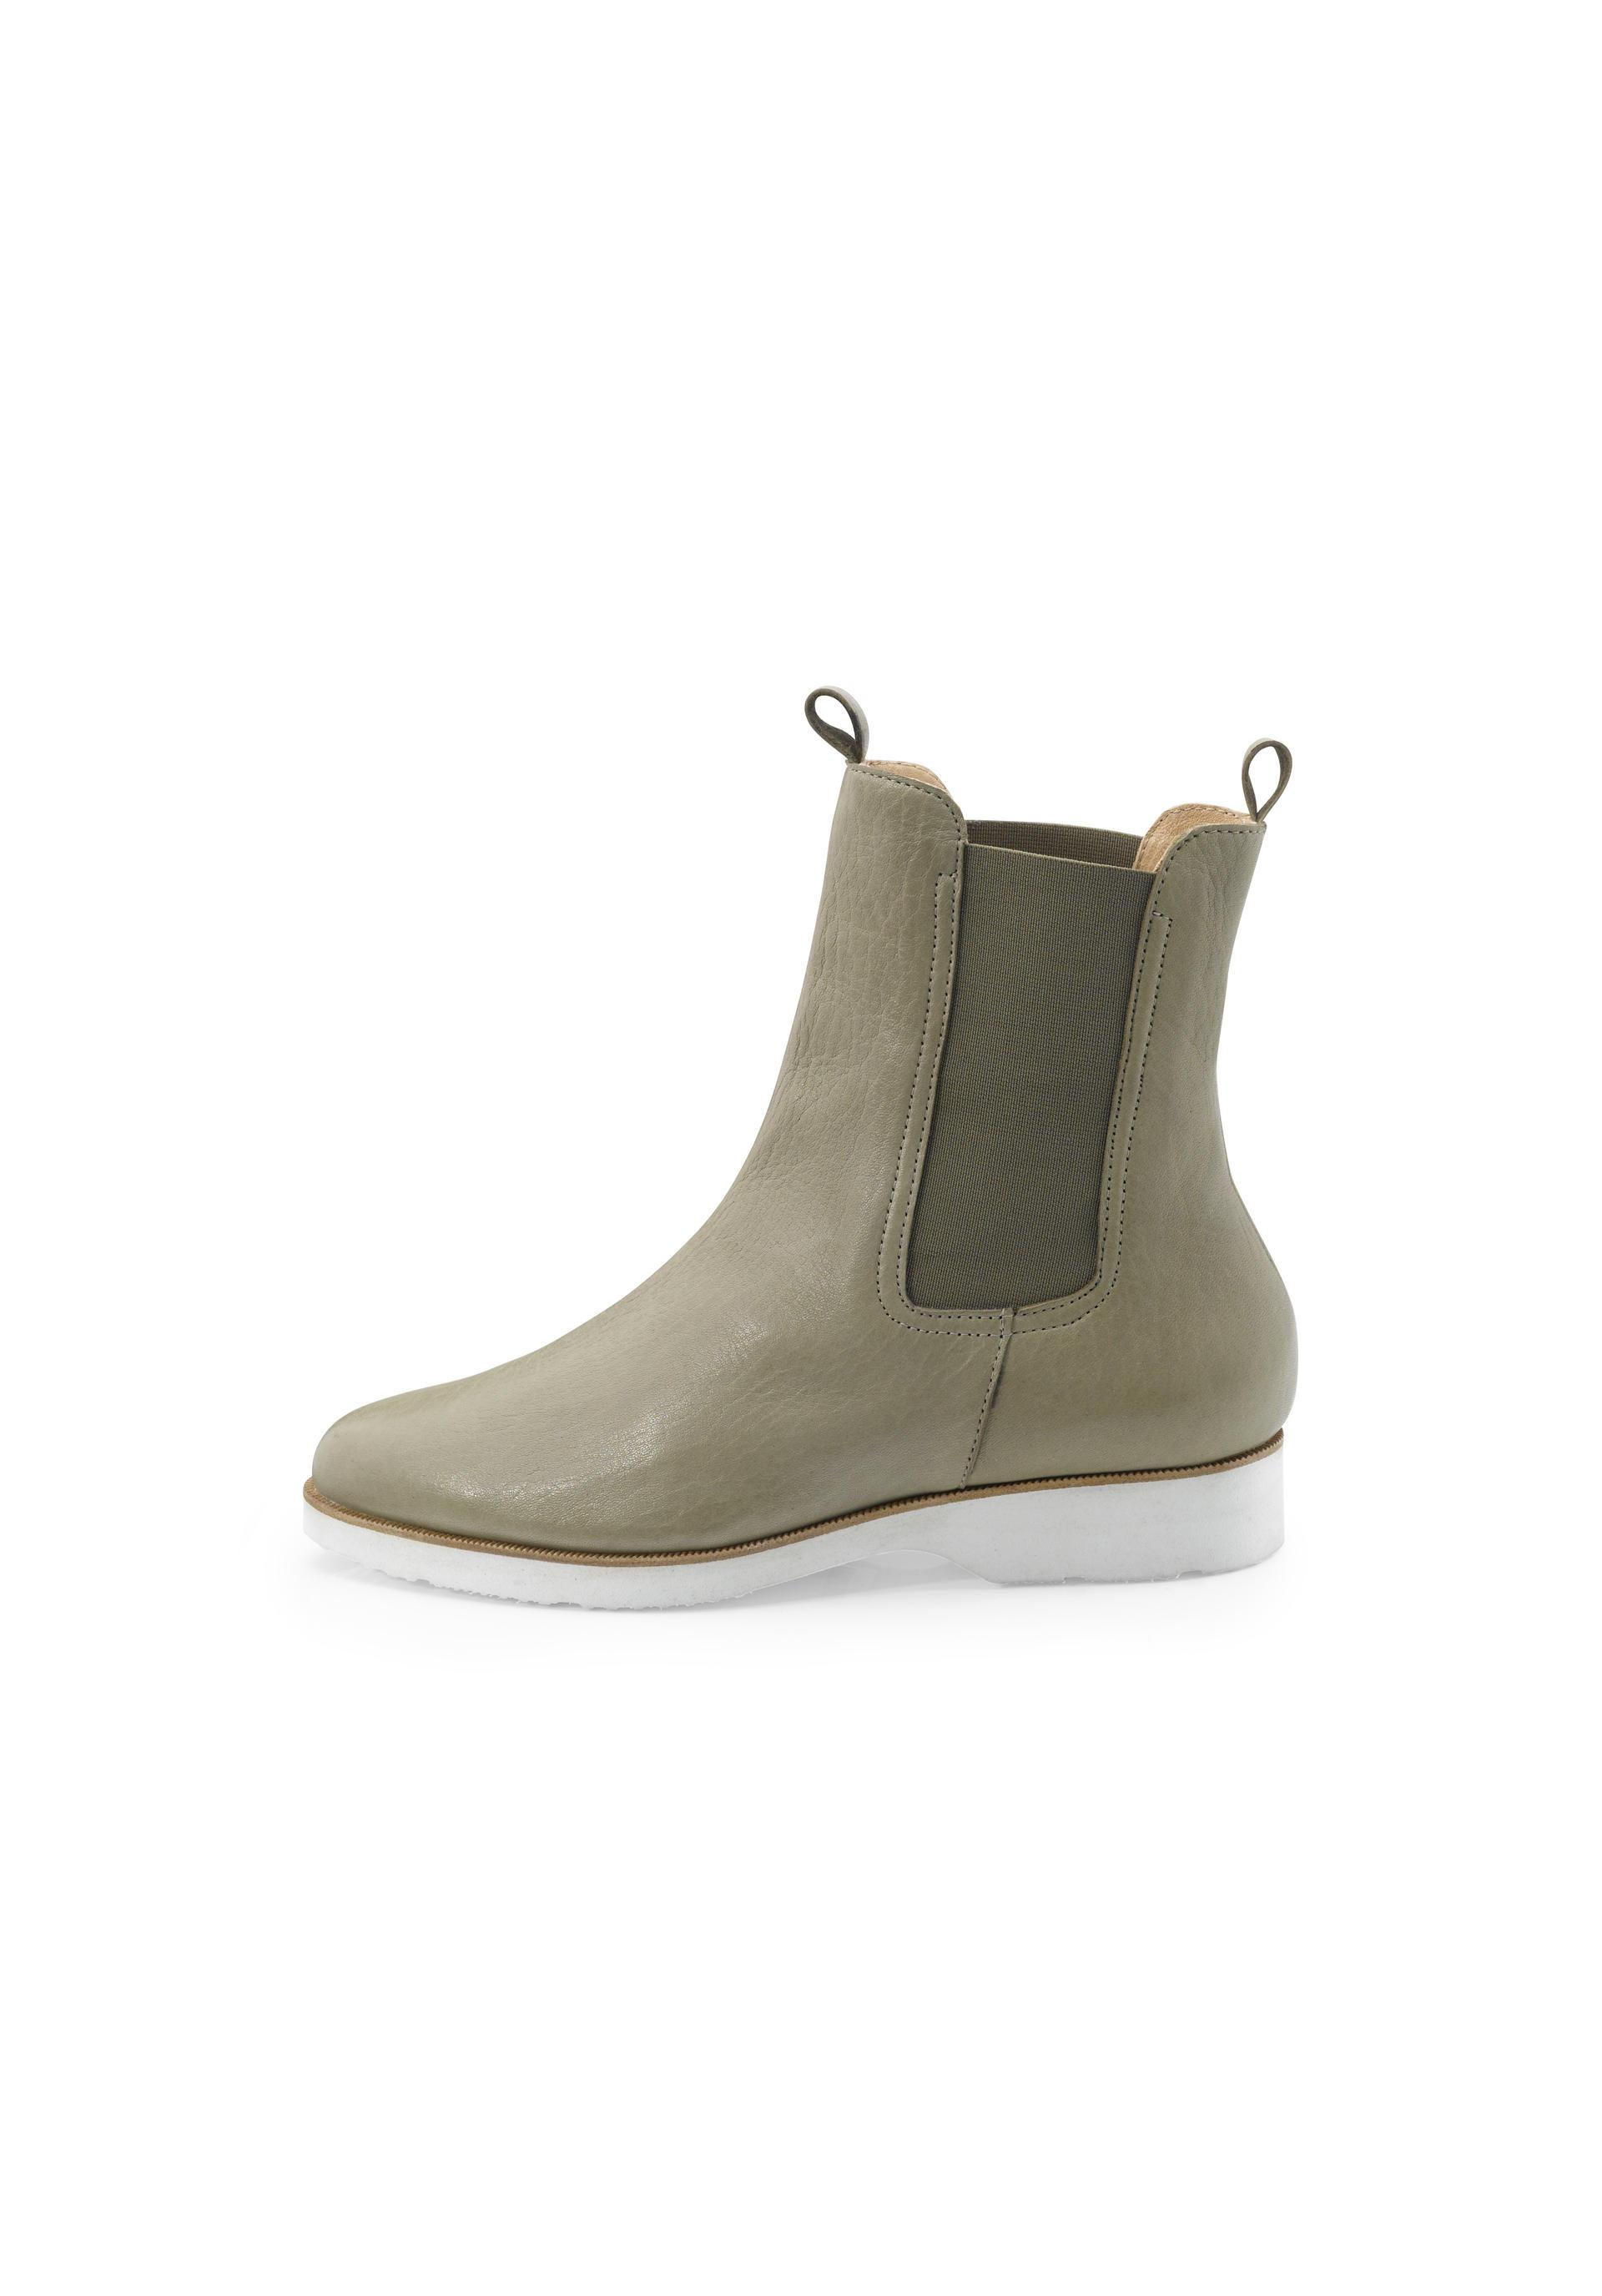 HessNatur Damen Chelsea Boots aus Leder   Style   Chelsea